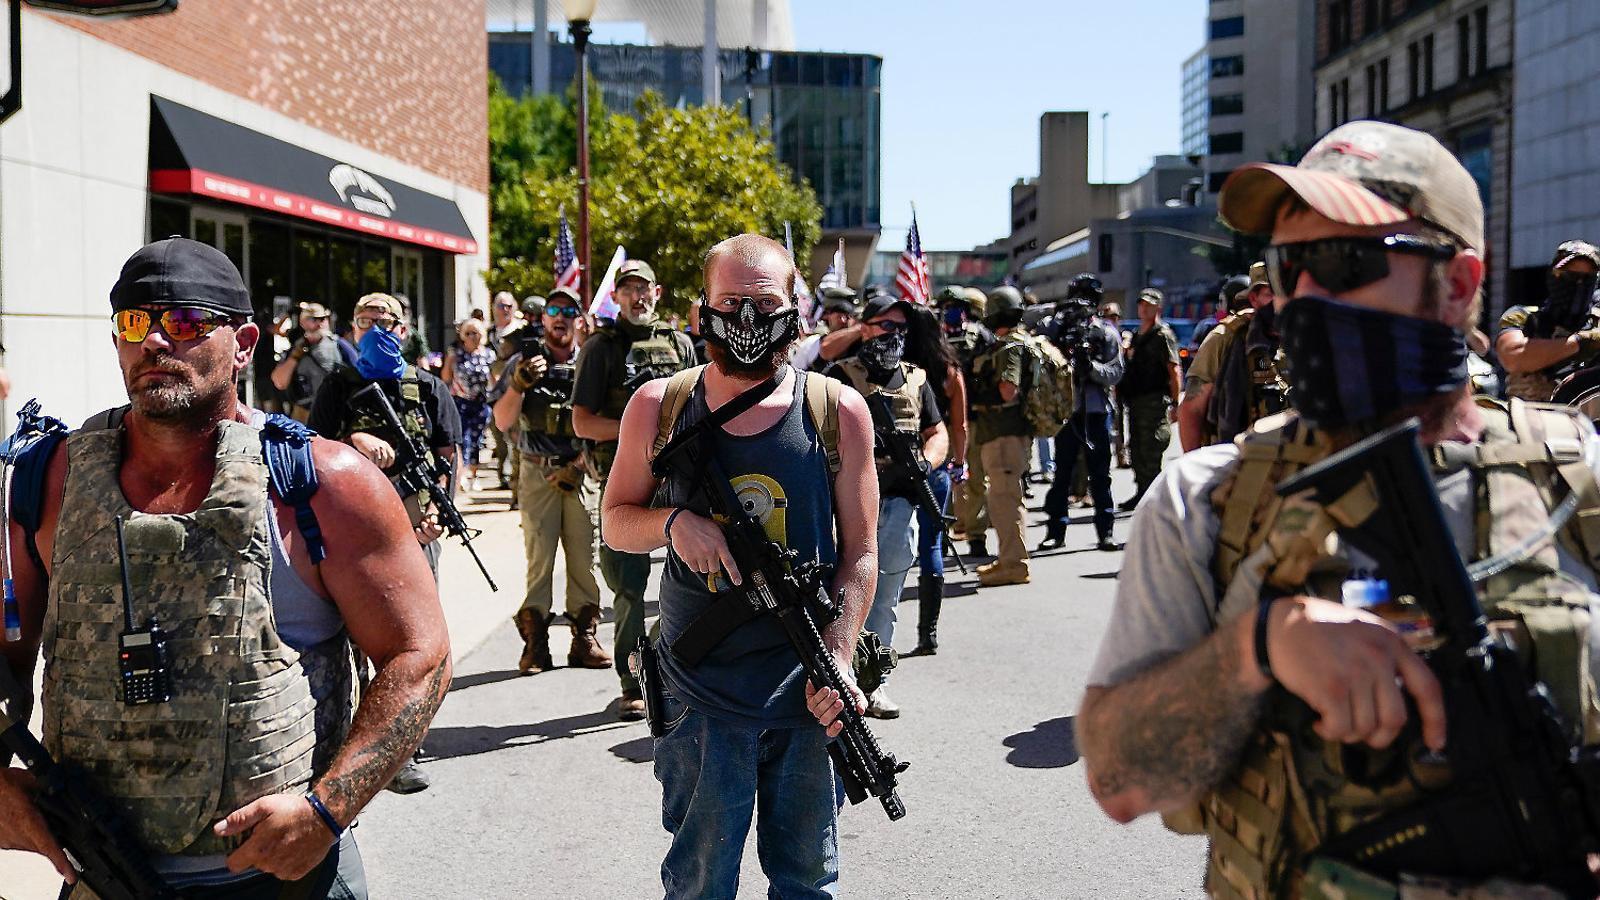 L'espectre de la violència armada plana sobre les eleccions als EUA